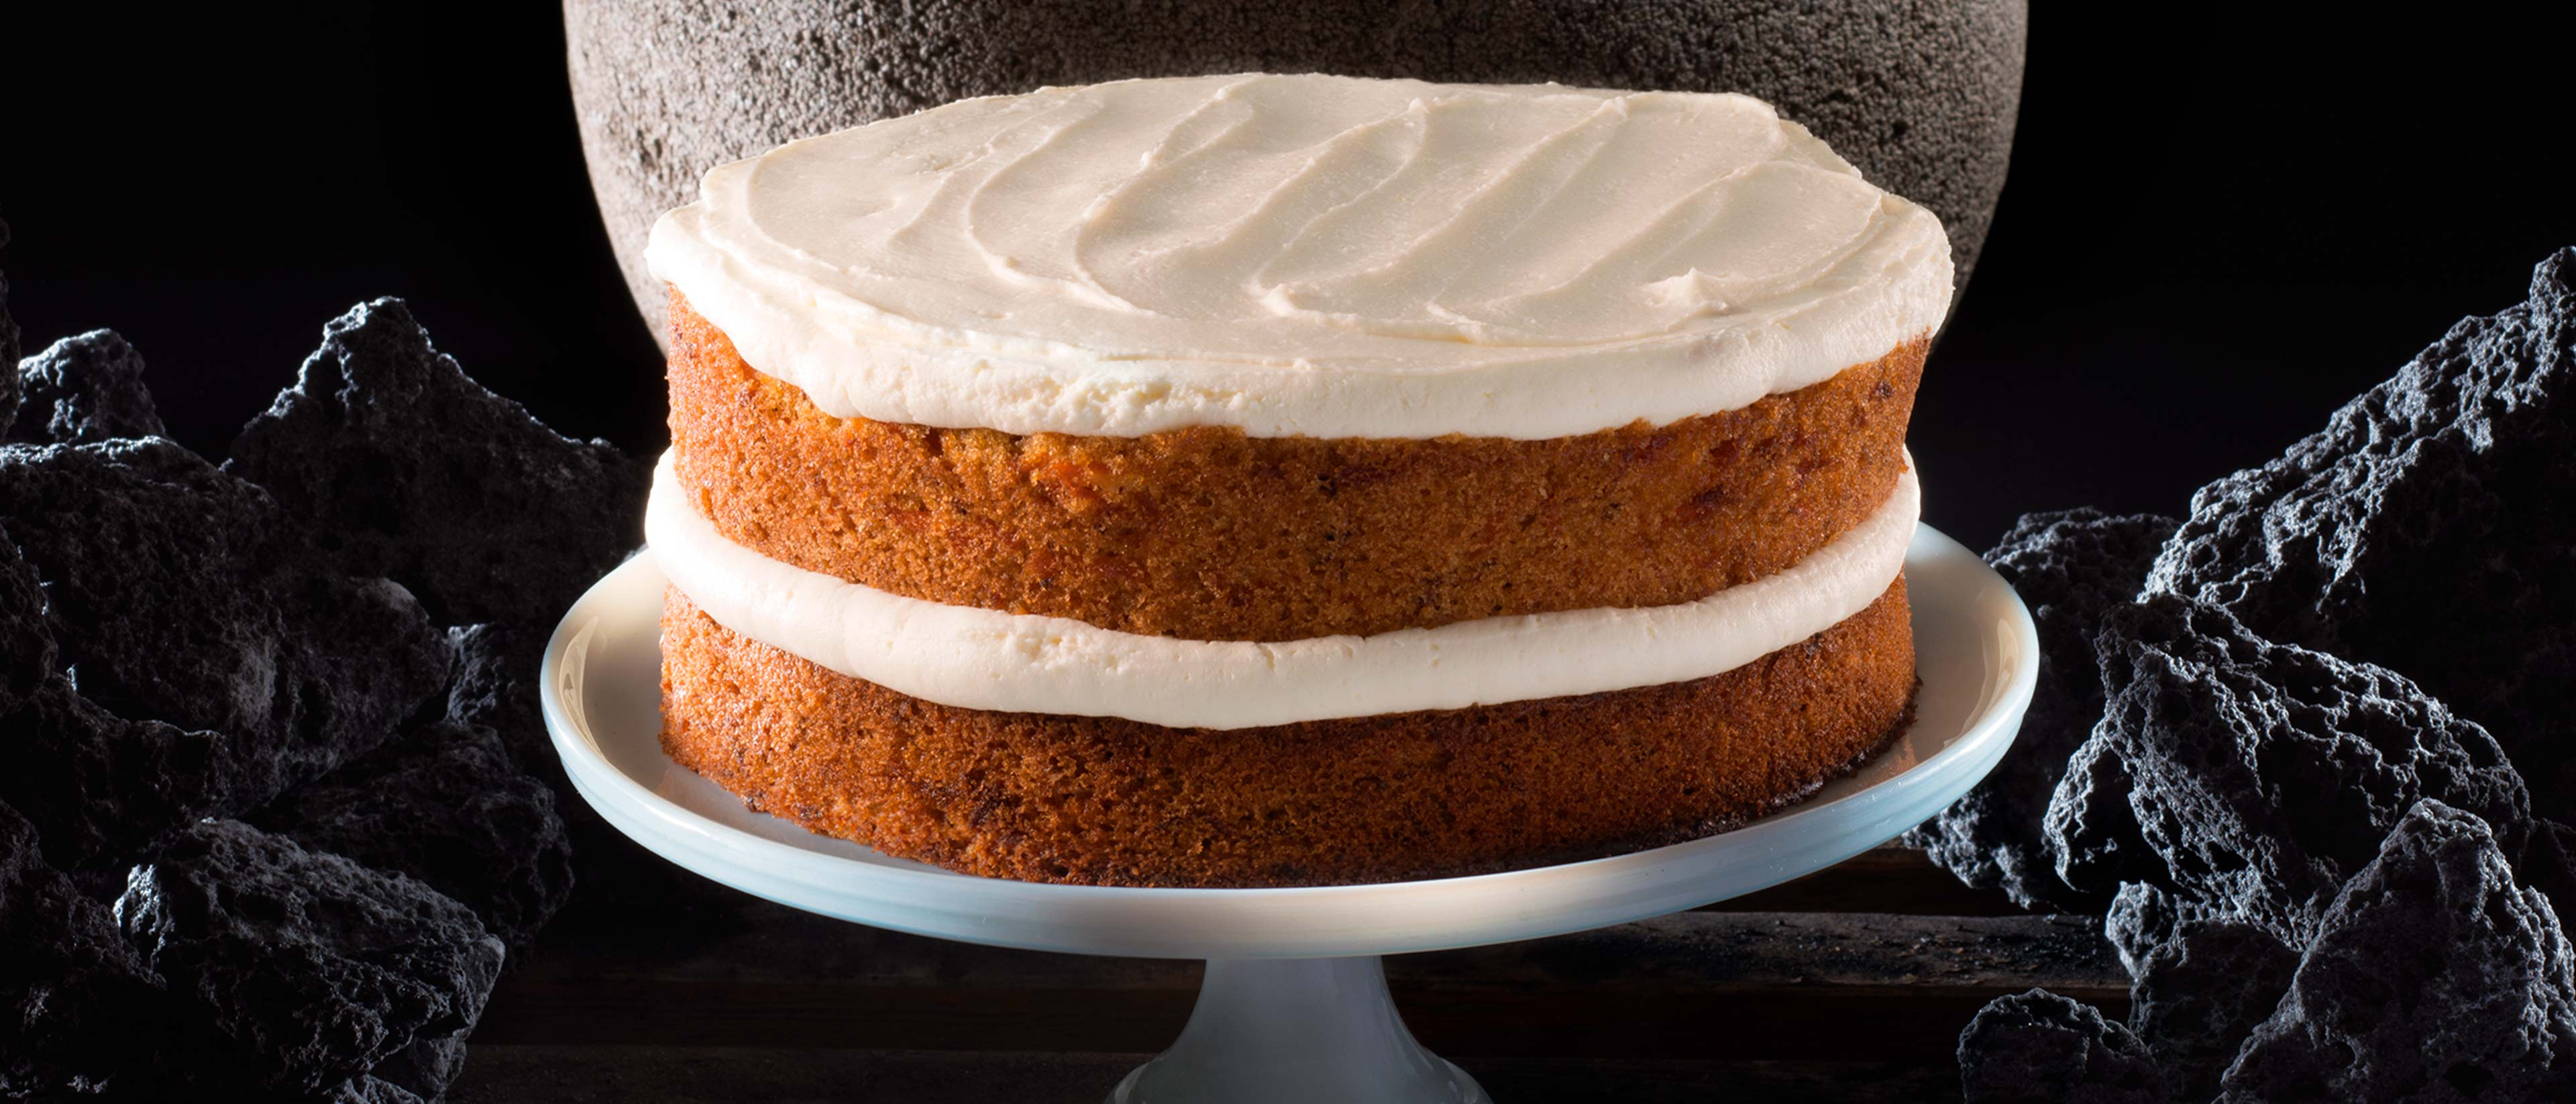 Tarta De Zanahoria Masas Y Reposteria Aldi Supermercados No es complicada de preparar, resulta saludable y de un sabor busca entre nuestras propuestas tu tarta de zanahoria favorita. tarta de zanahoria